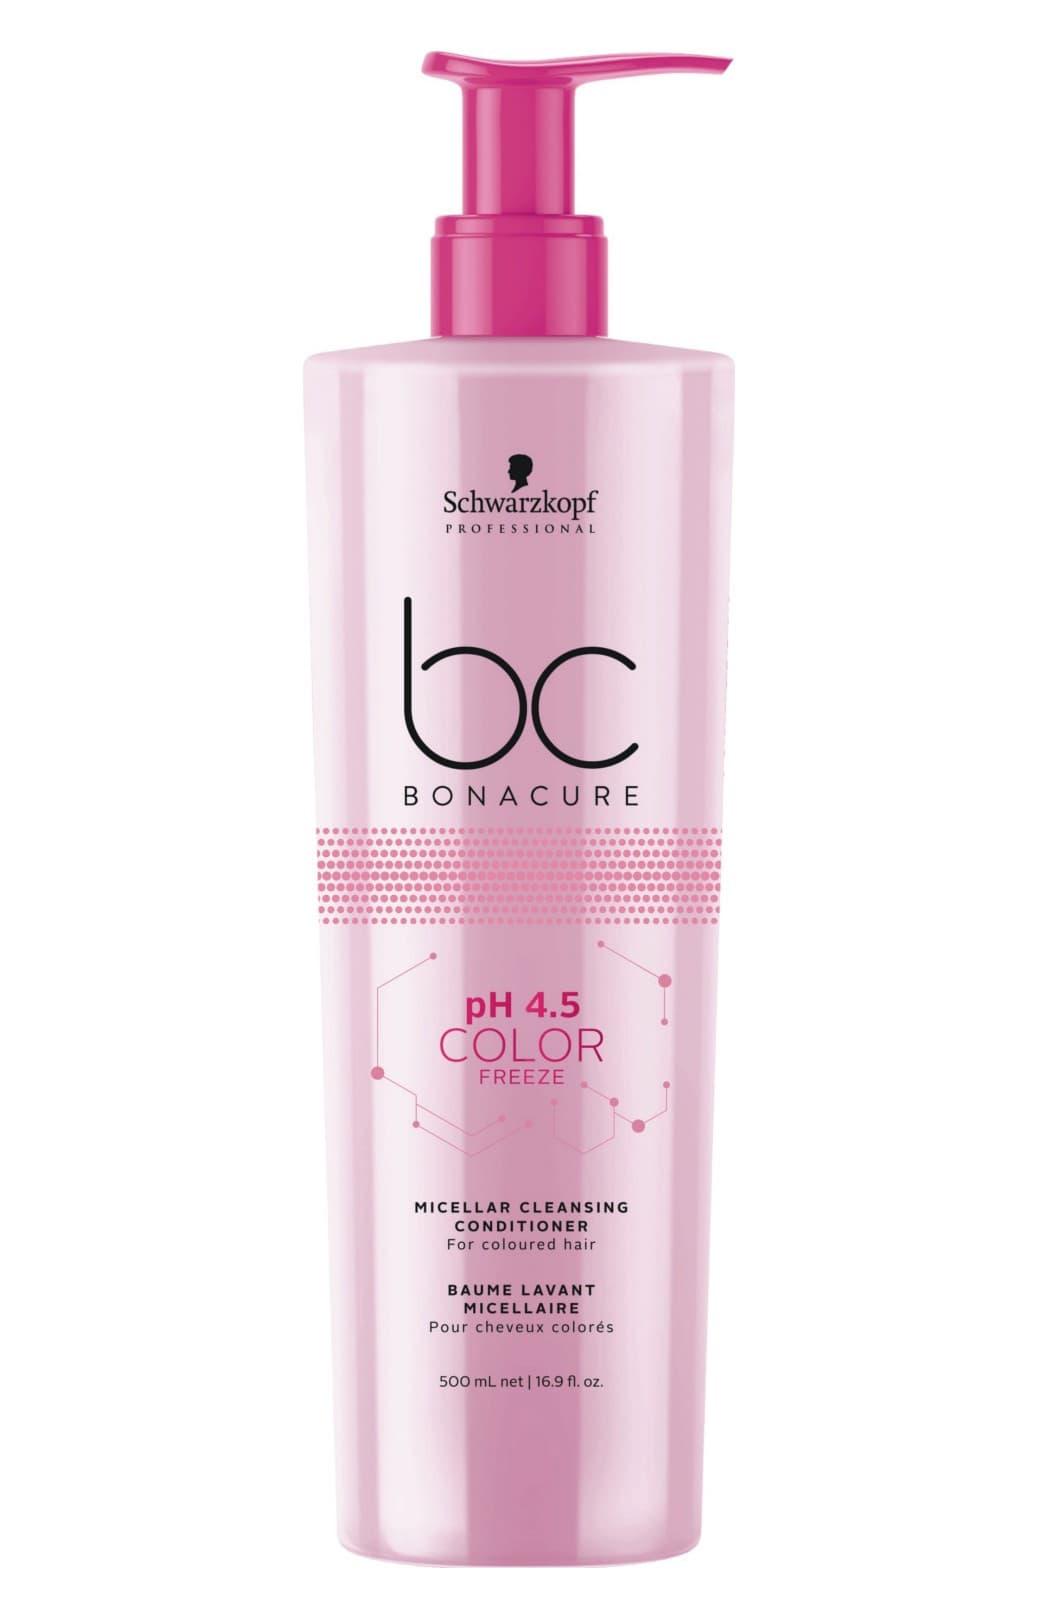 Купить Bonacure Ph 45 Color Freeze Мицеллярный Очищающий Кондиционер 500 Мл, Schwarzkopf Professional